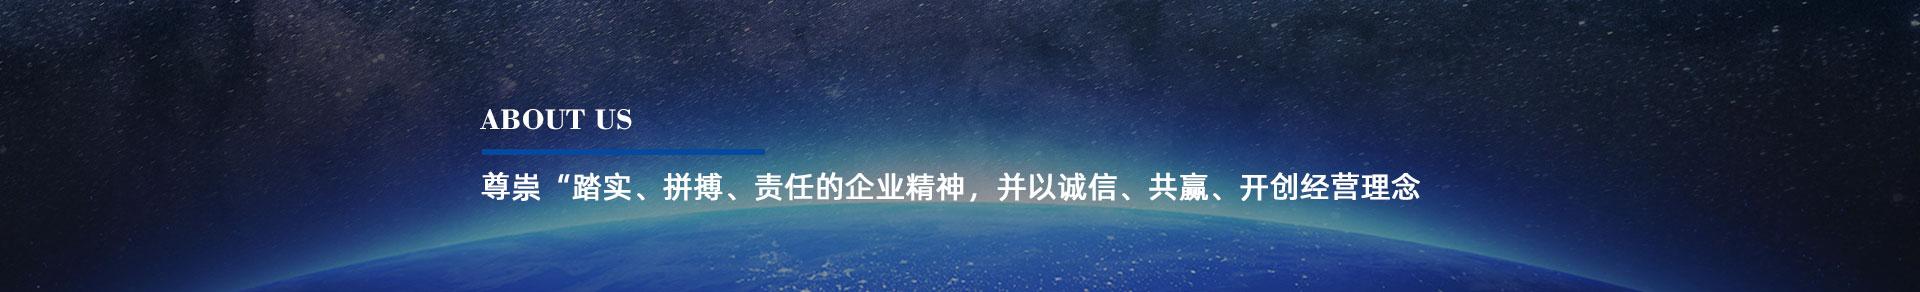 http://www.leipusen.com/data/upload/202007/20200710160426_673.jpg